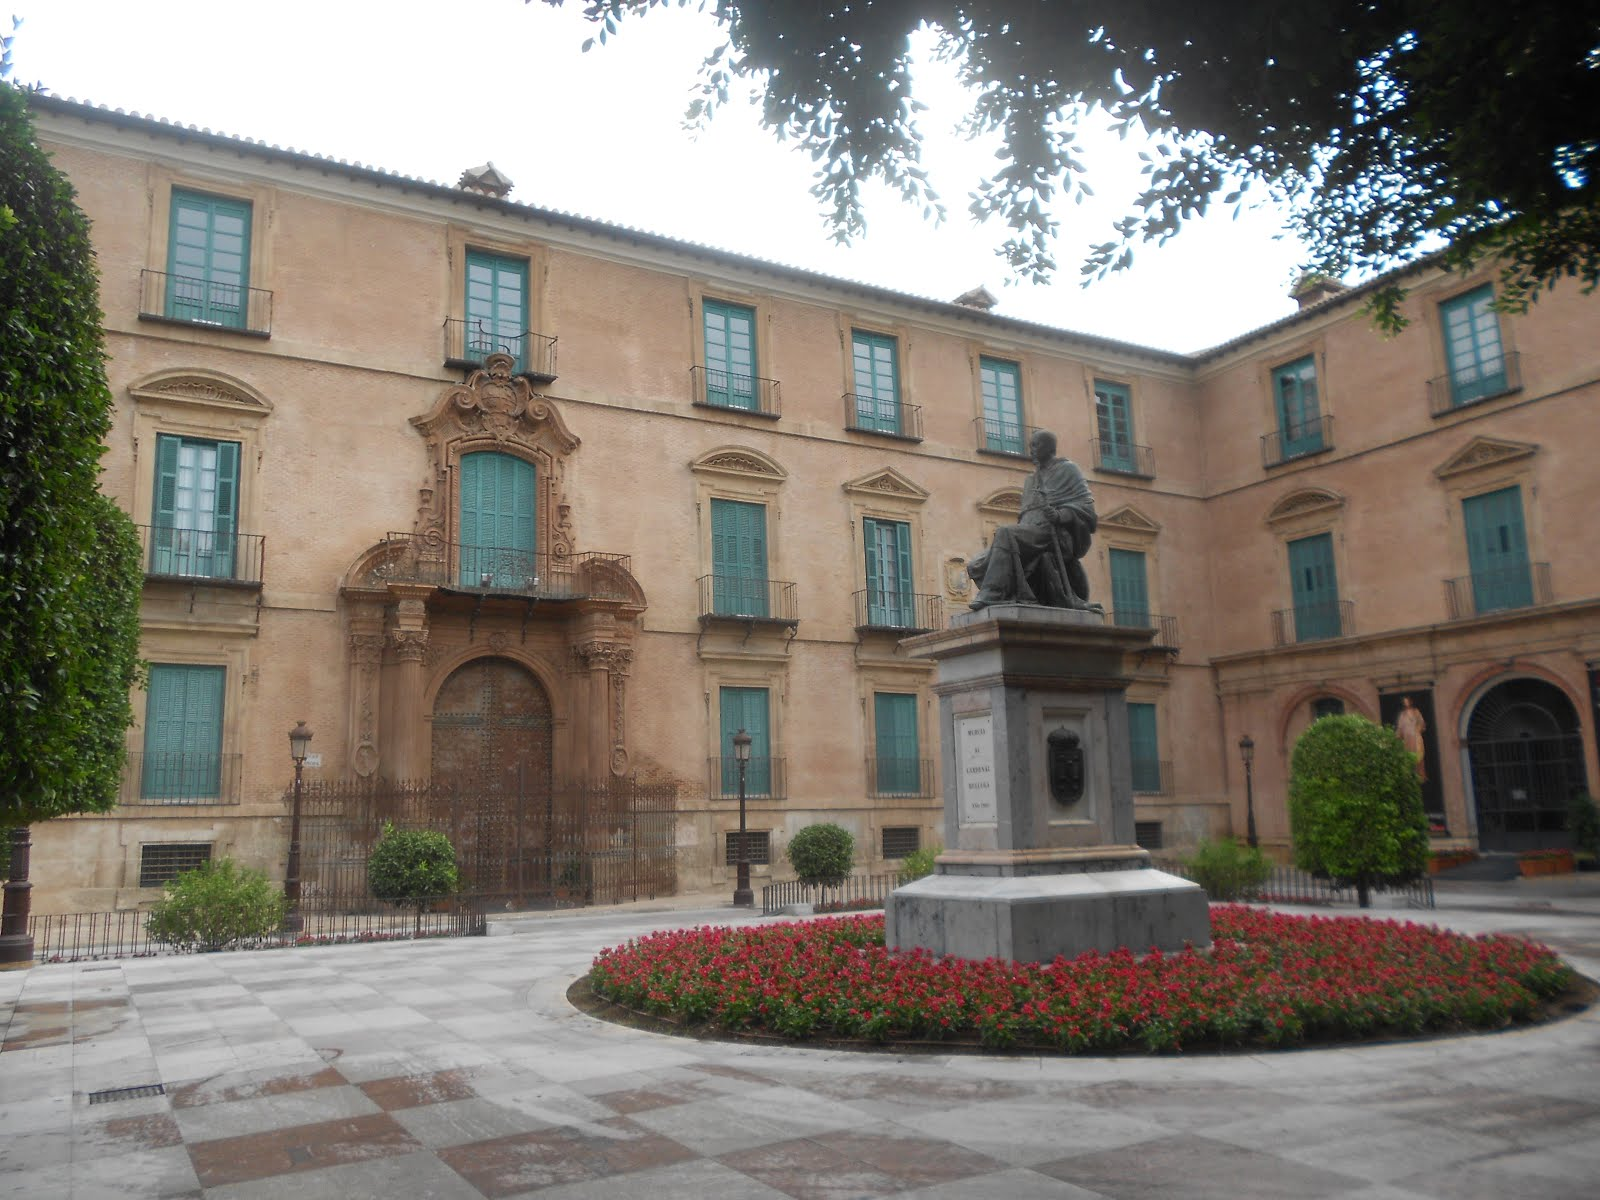 Obispado de Cartagena - Murcia